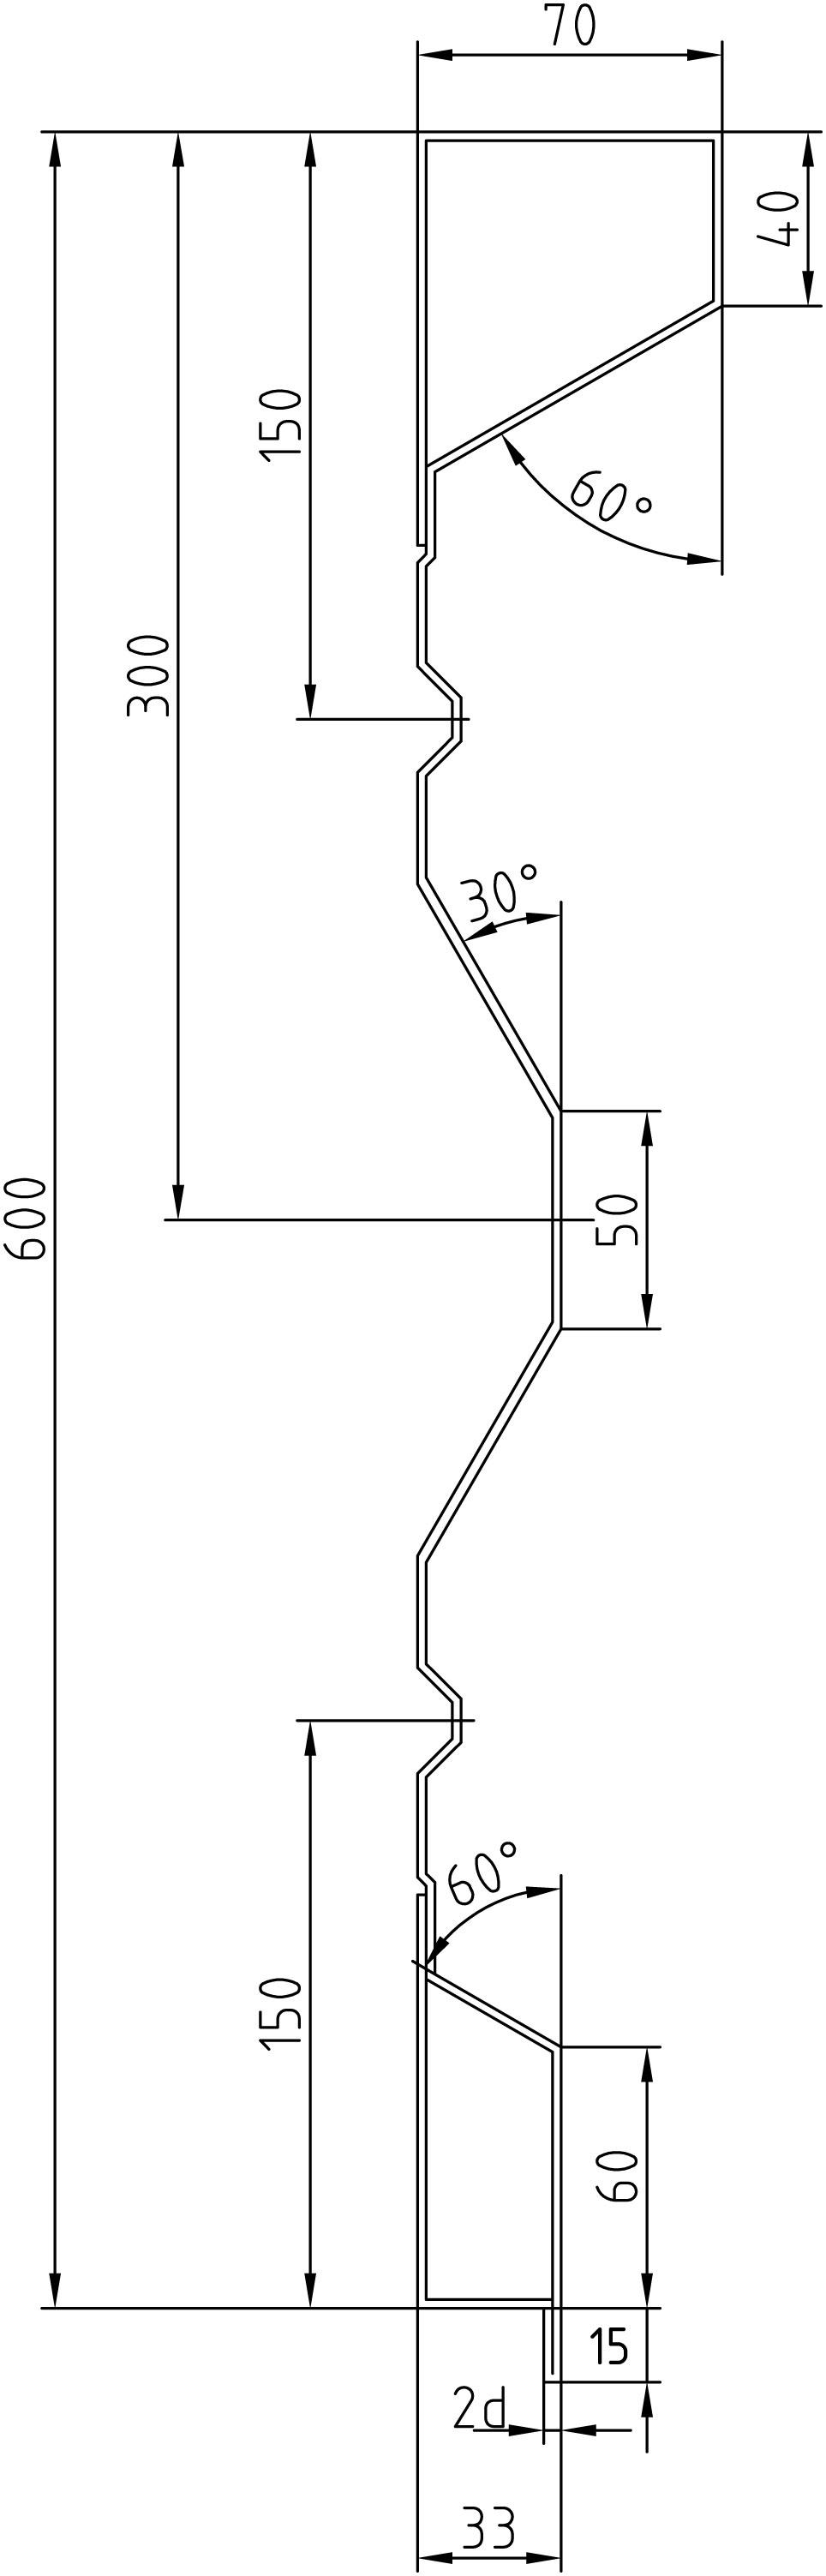 Brantner Kipper und Anhänger - 600x2x4059 sideboards with trailing edges